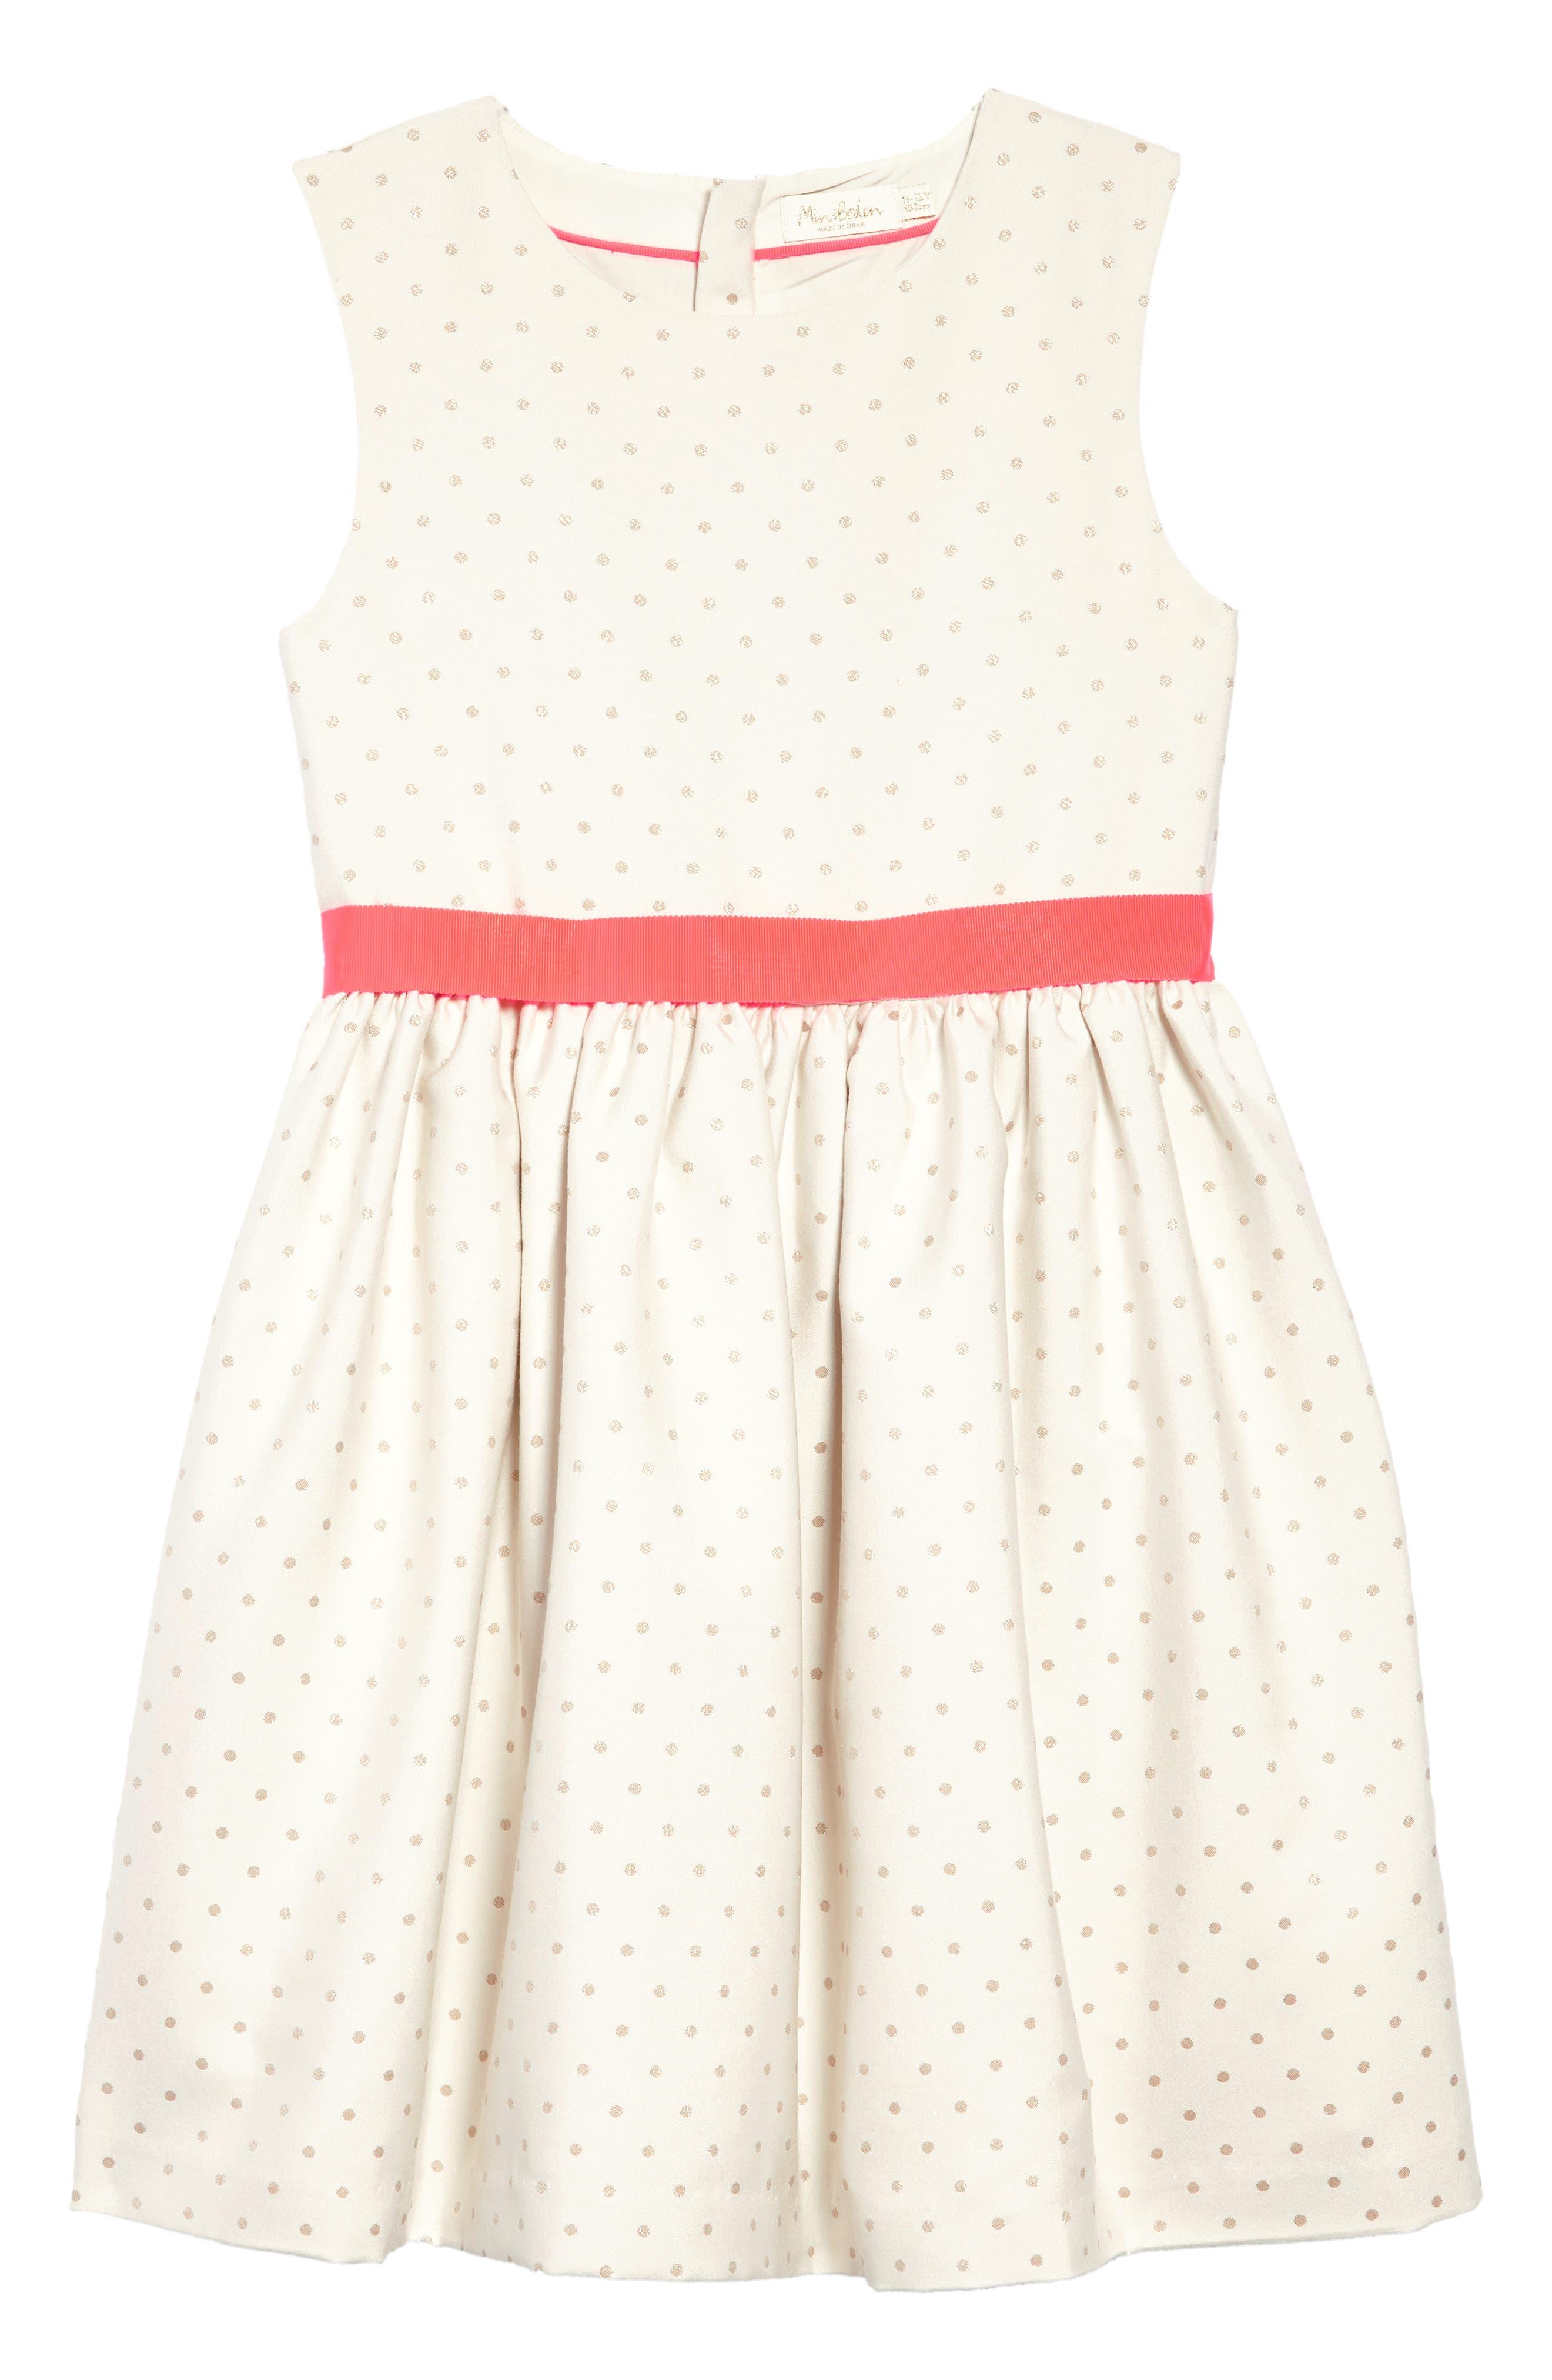 MINI BODEN,                             Metallic Dot Fit & Flare Dress,                             Main thumbnail 1, color,                             909